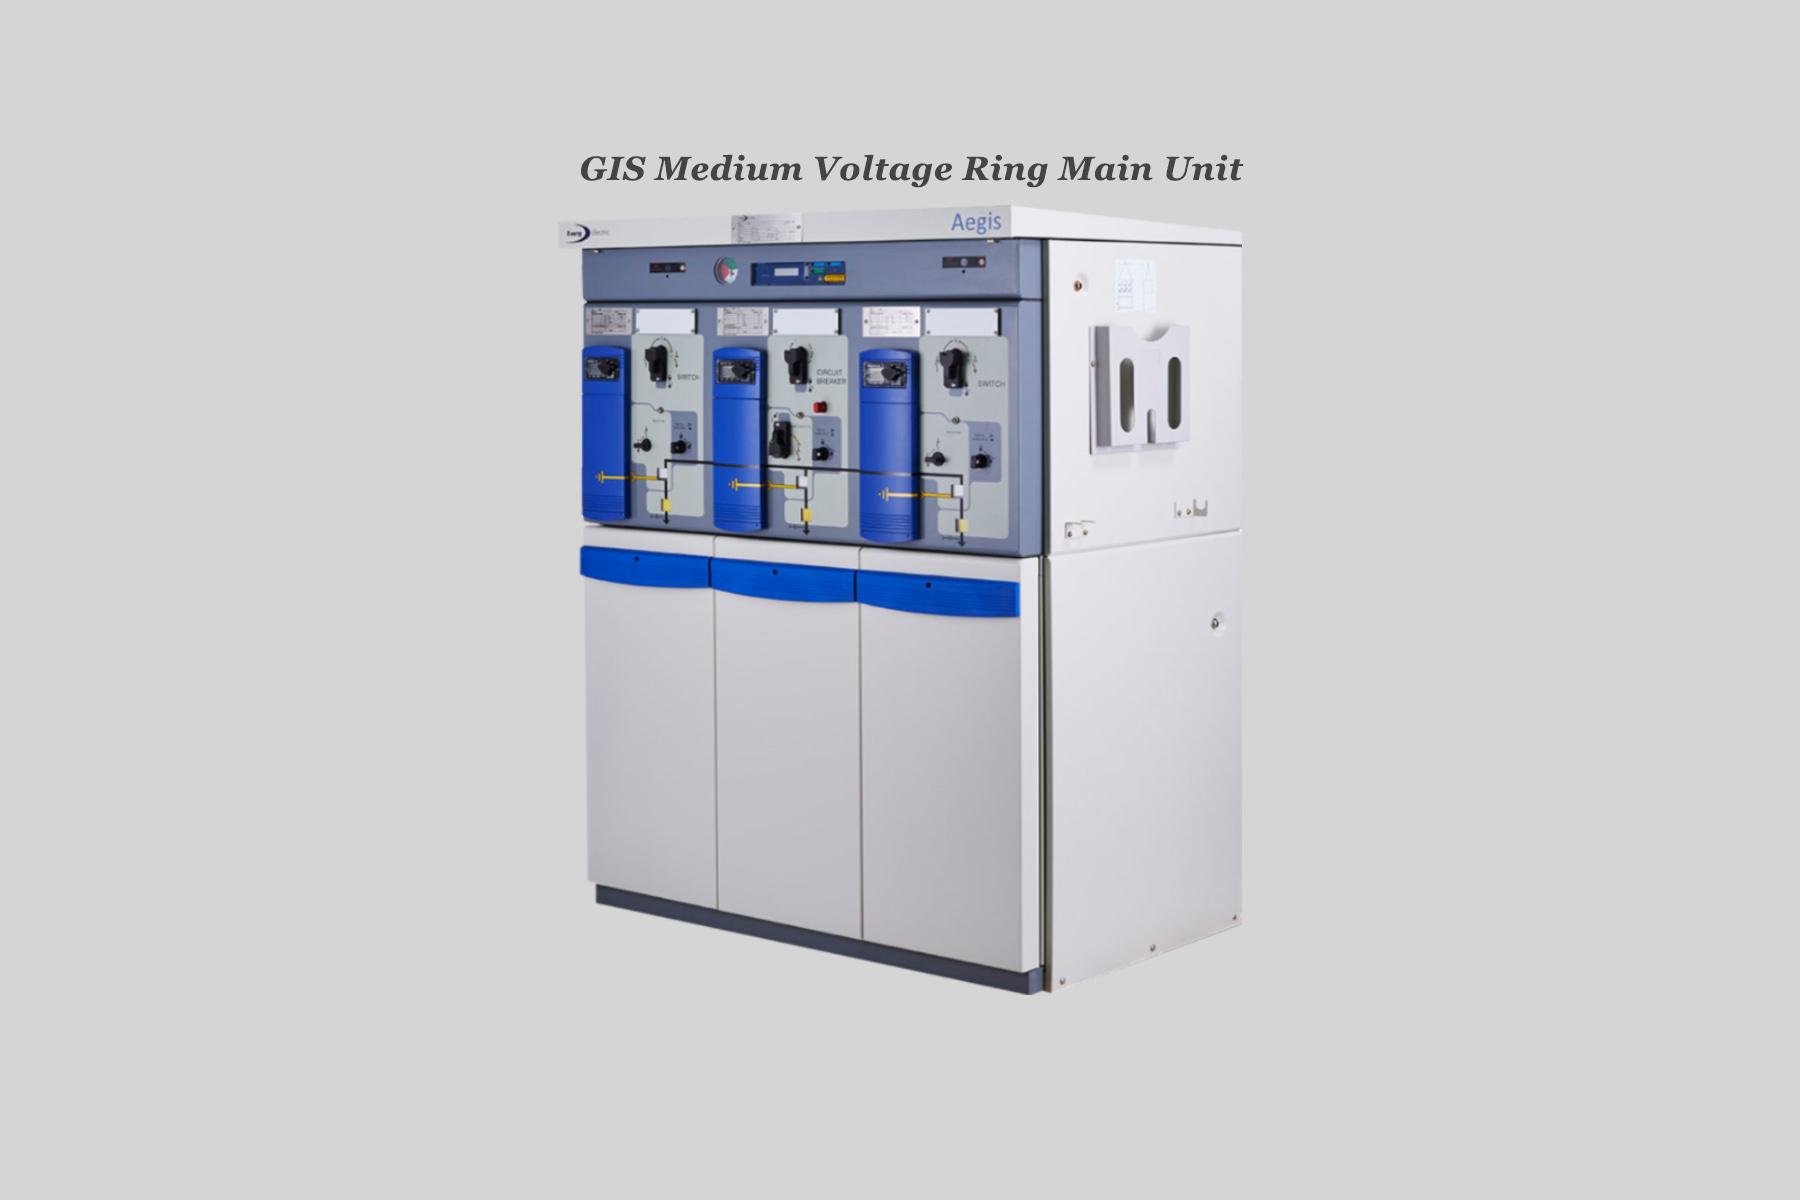 GIS Medium Voltage Ring Main Unit